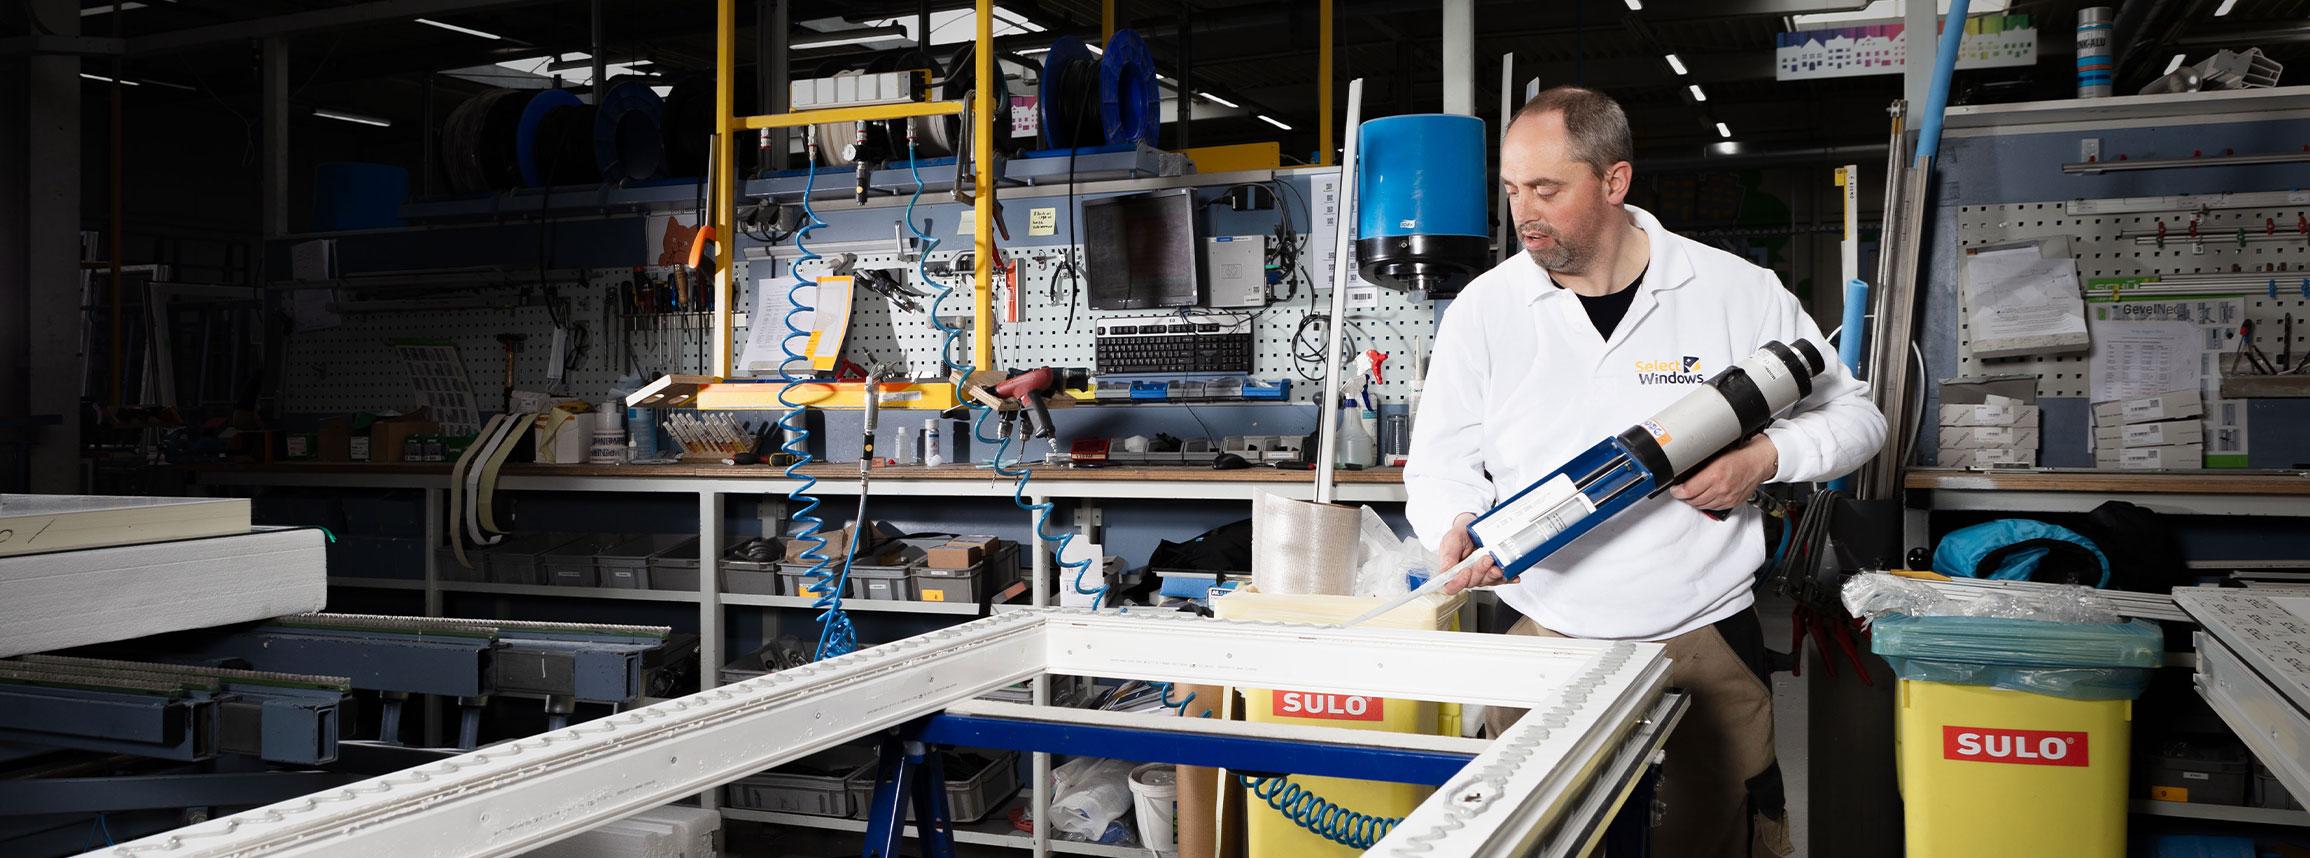 gevelNed - kunststof kozijnen fabriek - maatwerk kwaliteitskozijnen